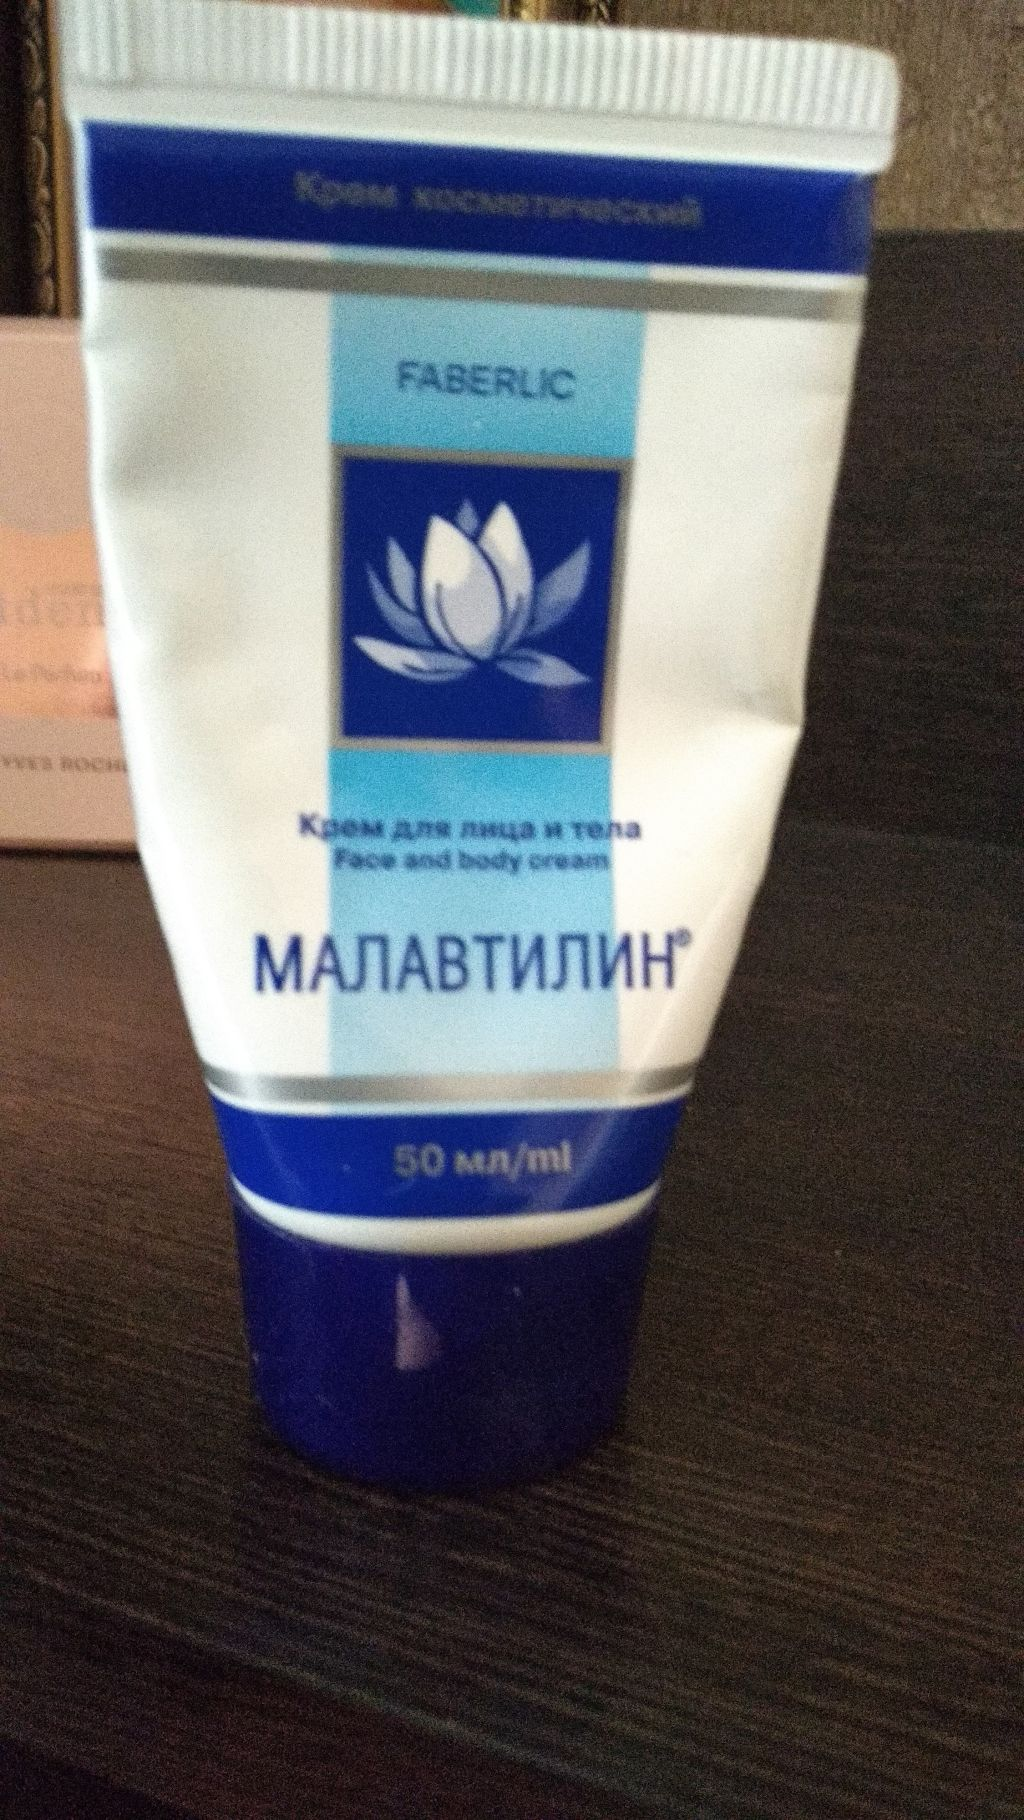 Отзывы. малавтилин- крем, который не нуждается в рекламе а также элавтилин, бонавтилин, дэнавтилин и продукция карлов дар